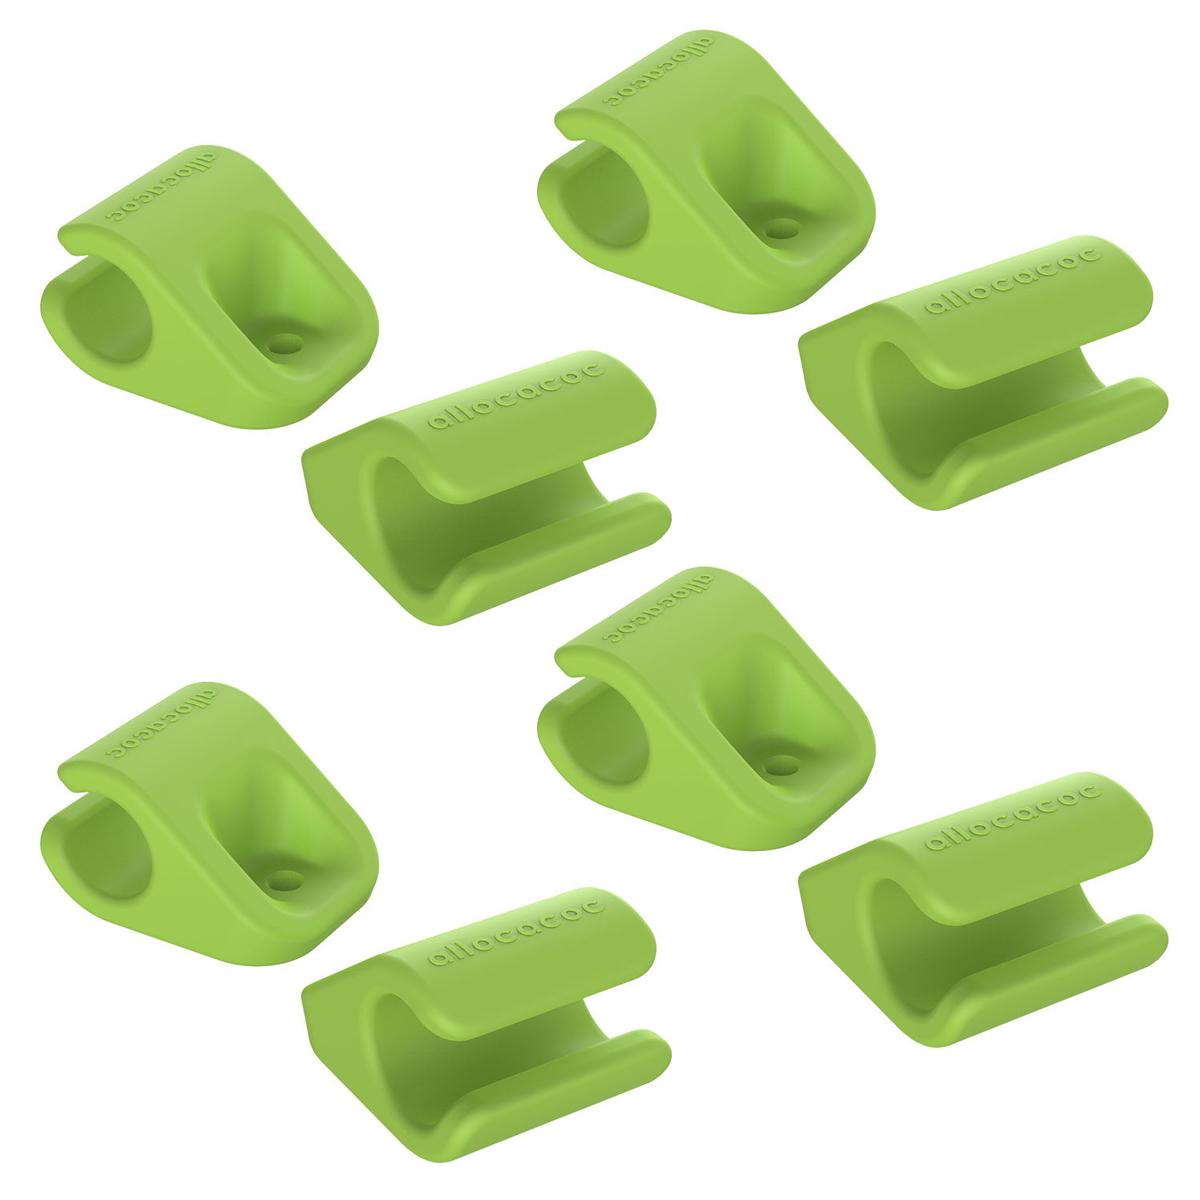 Allocacoc CableFix, Green держатель для кабеля, 8 шт0004GN/CBLFIXДержатель для проводов Allocacoc CableFix поможет не только навести порядок на вашем рабочем столе, но и сделать работу за ним более комфортной. Можно прикрепить к поверхностям разными способами: от липкой ленты до самореза. Липкие пластинки входят в комплект. Благодаря таким держателям провода легко убираются и надежно фиксируются в нужном вам положении и месте.Совместимость: кабели диаметром от 4 мм до 10 мм